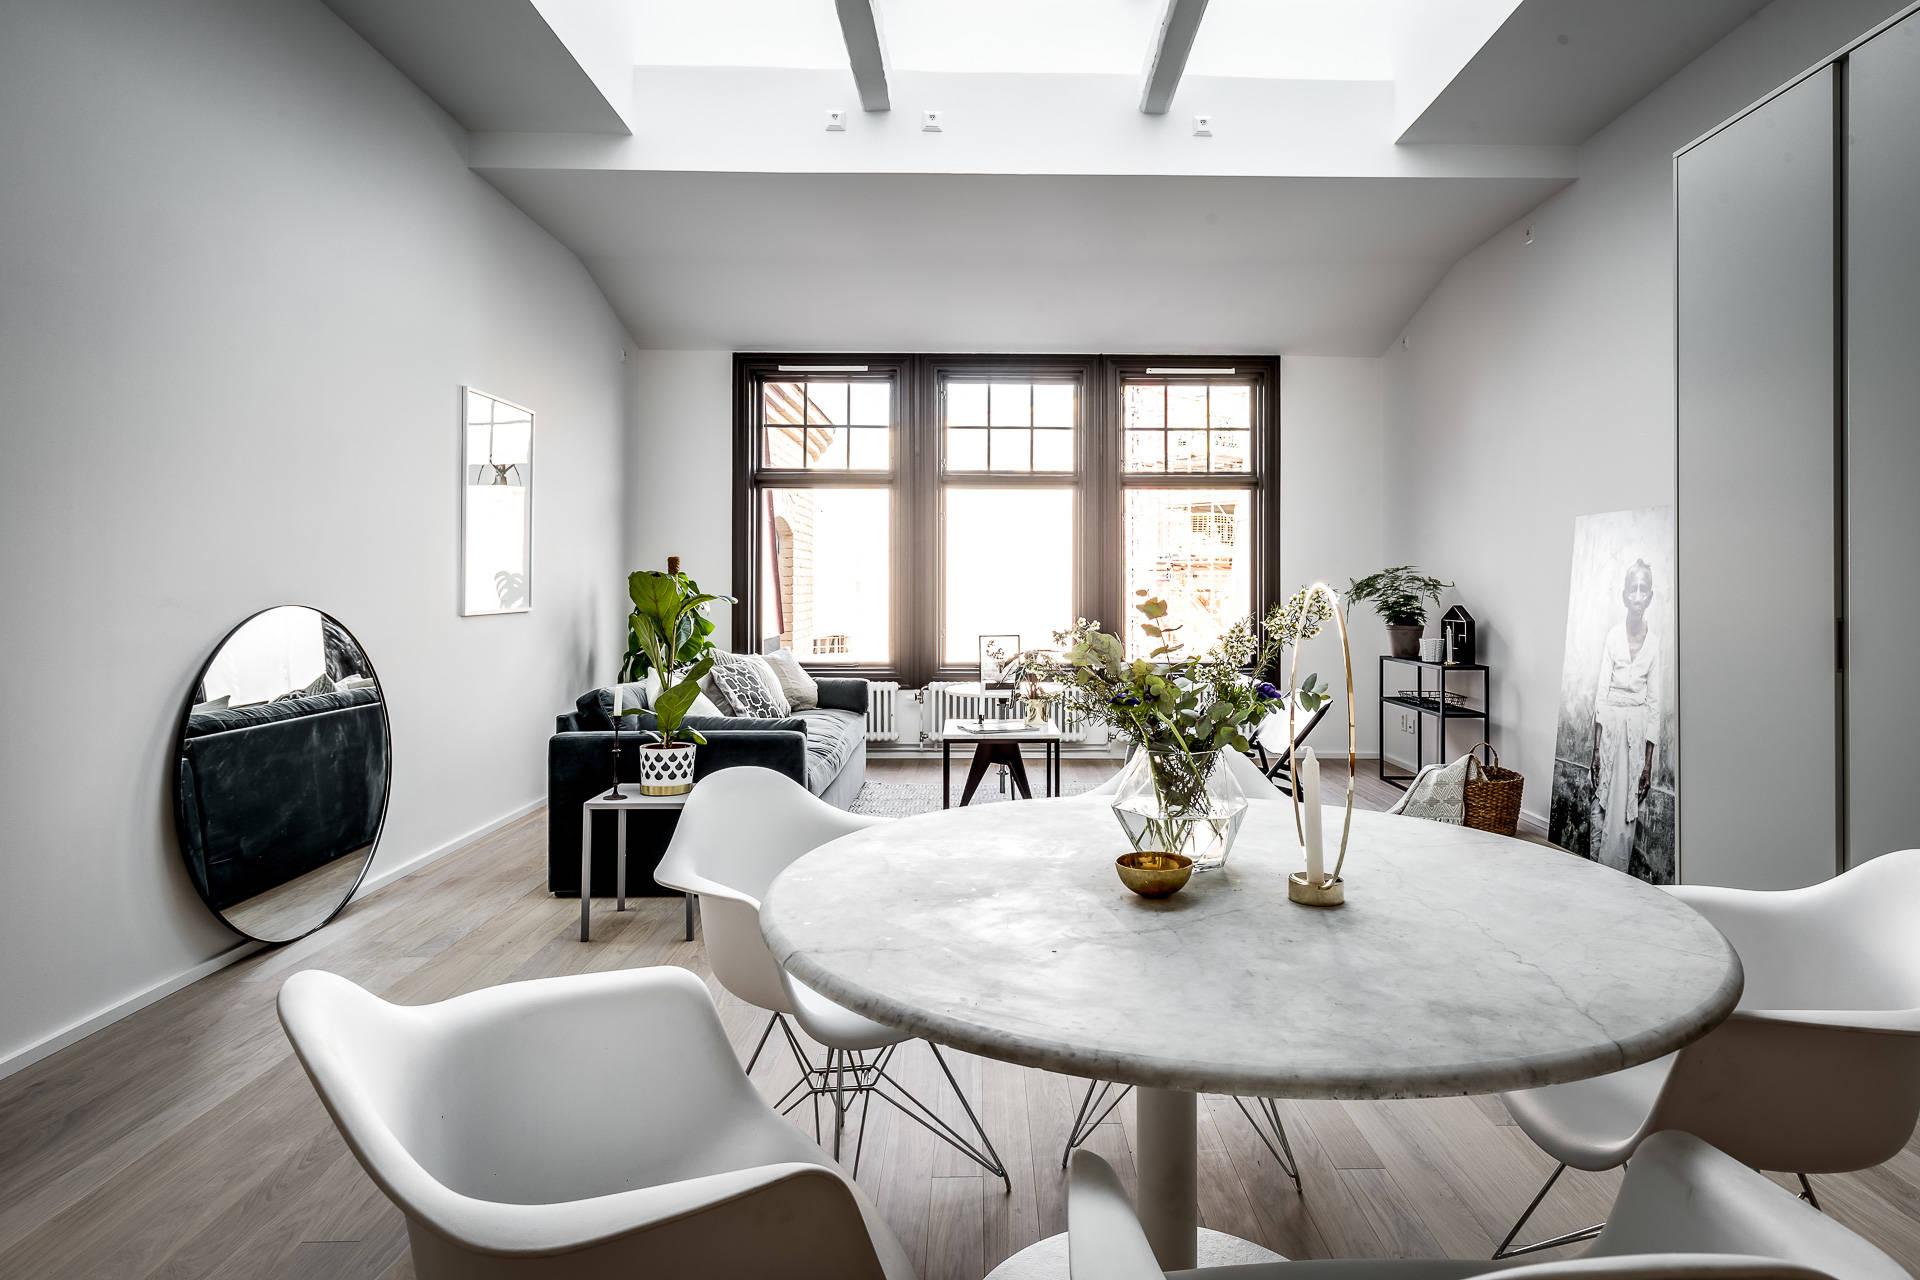 гостиная окно темные рамы обеденный стол